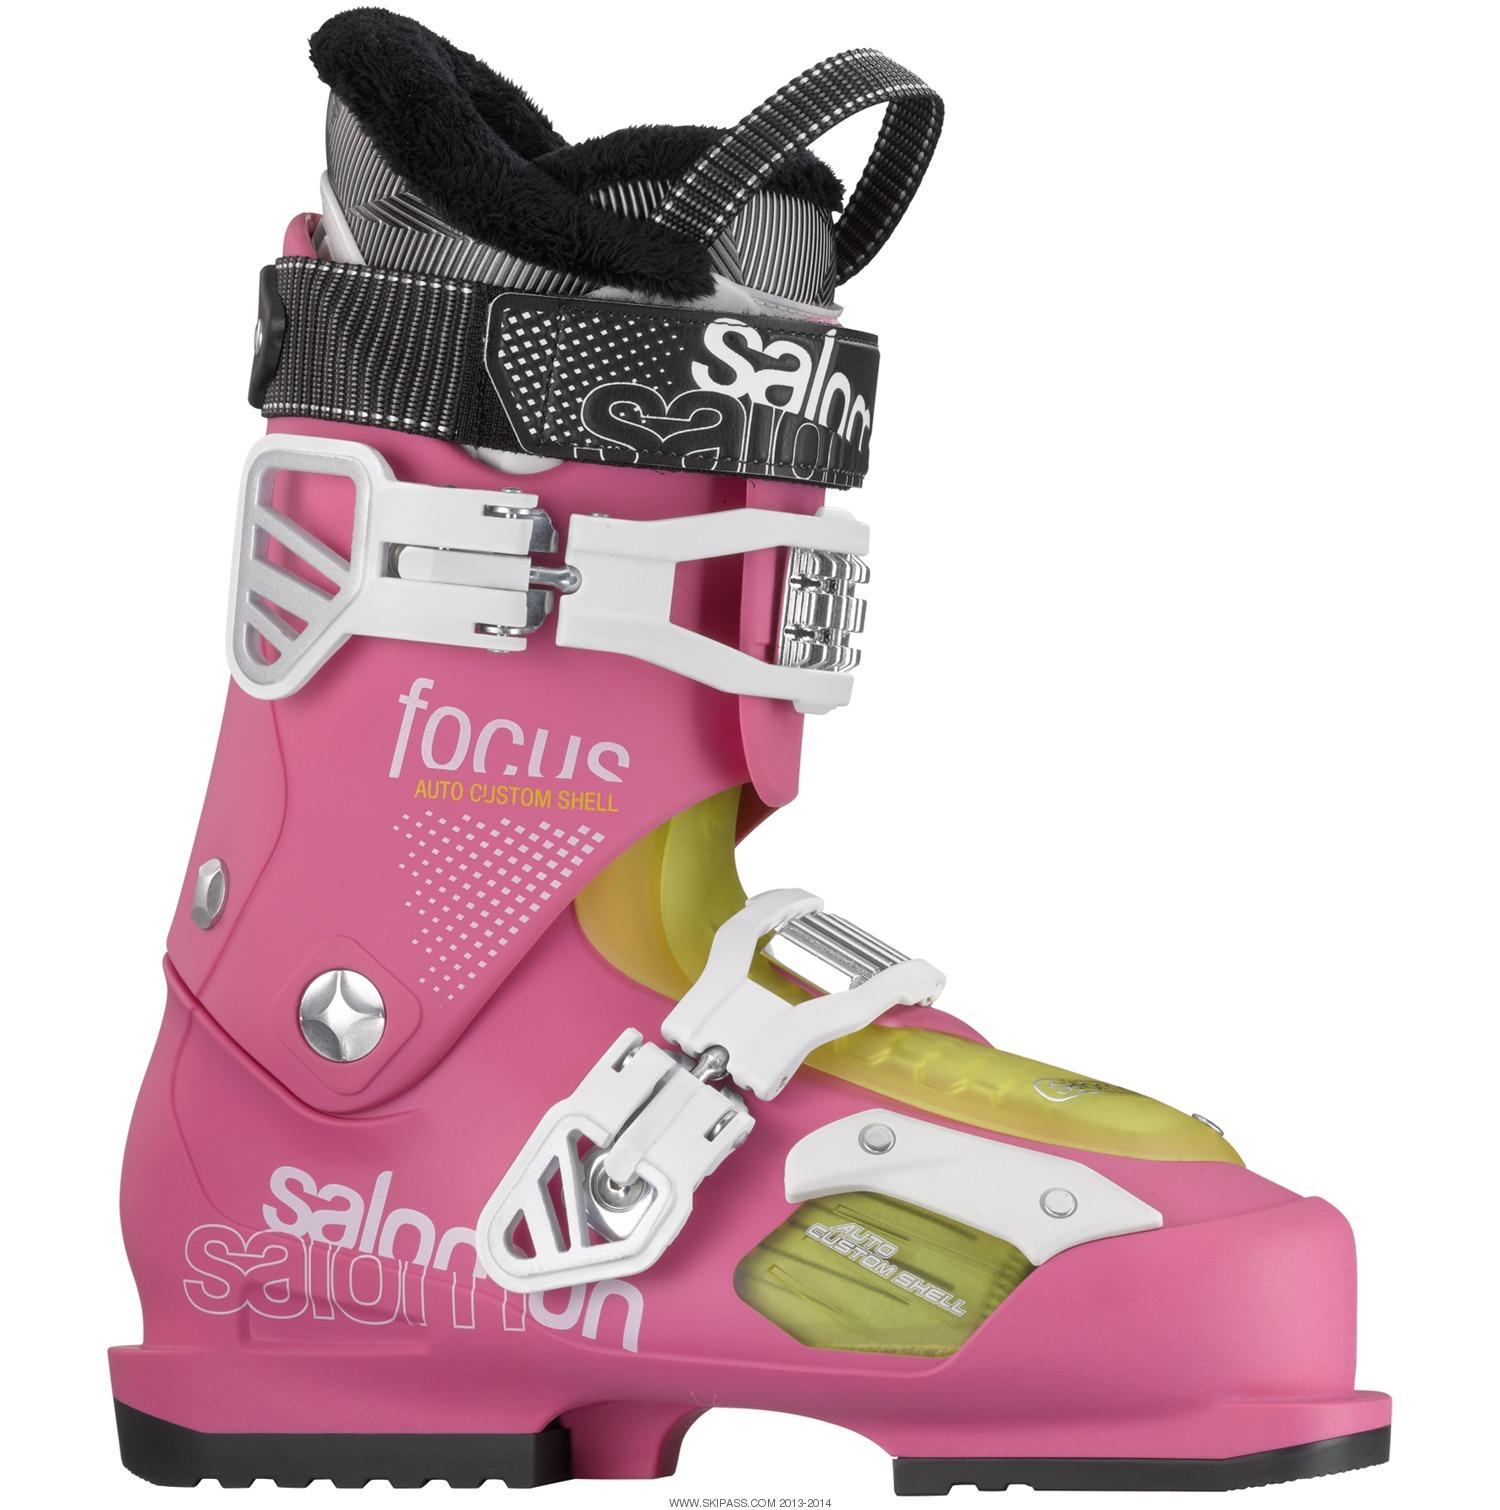 chaussure salomon focus rs,salomon rx moc chaussures detente